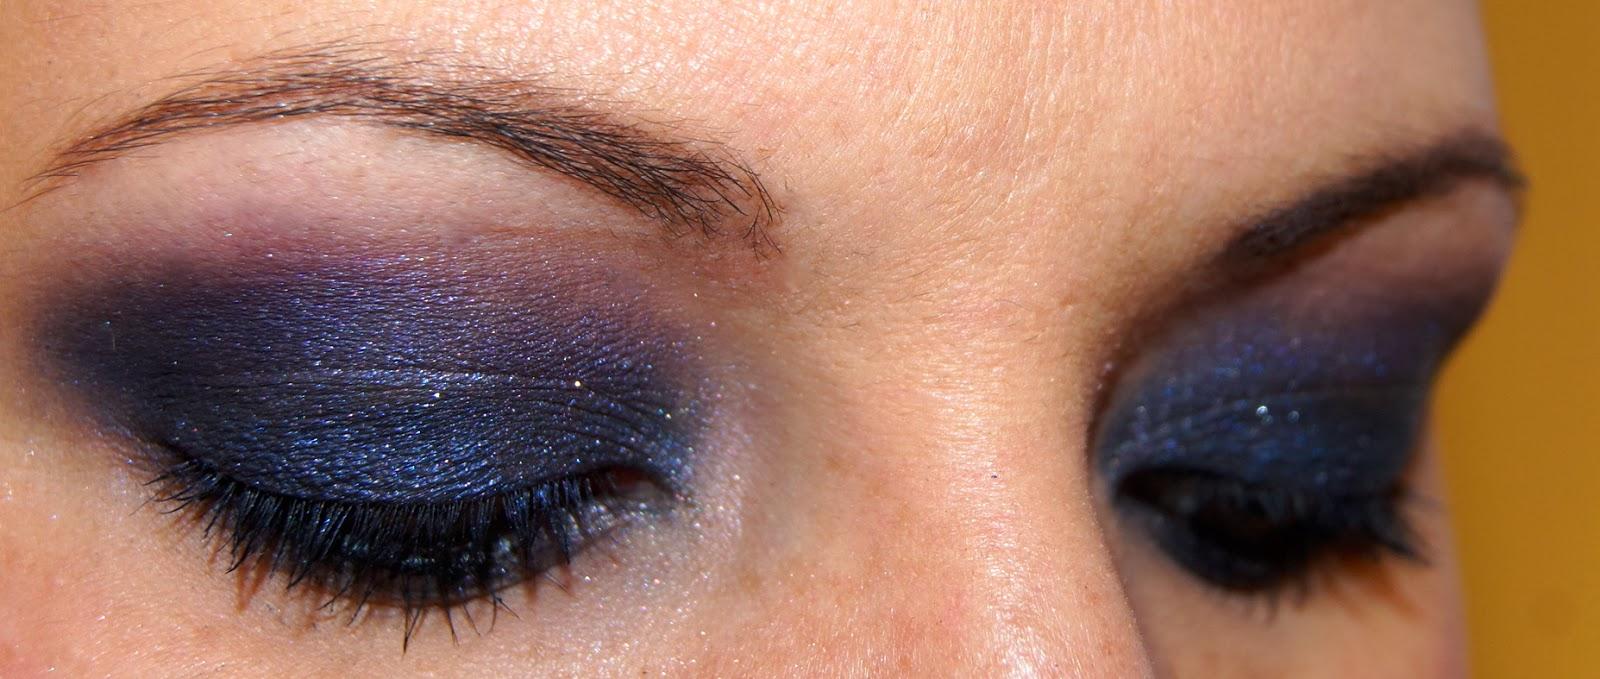 chou makeup maquillage du jour smoky eyes bleu violet. Black Bedroom Furniture Sets. Home Design Ideas